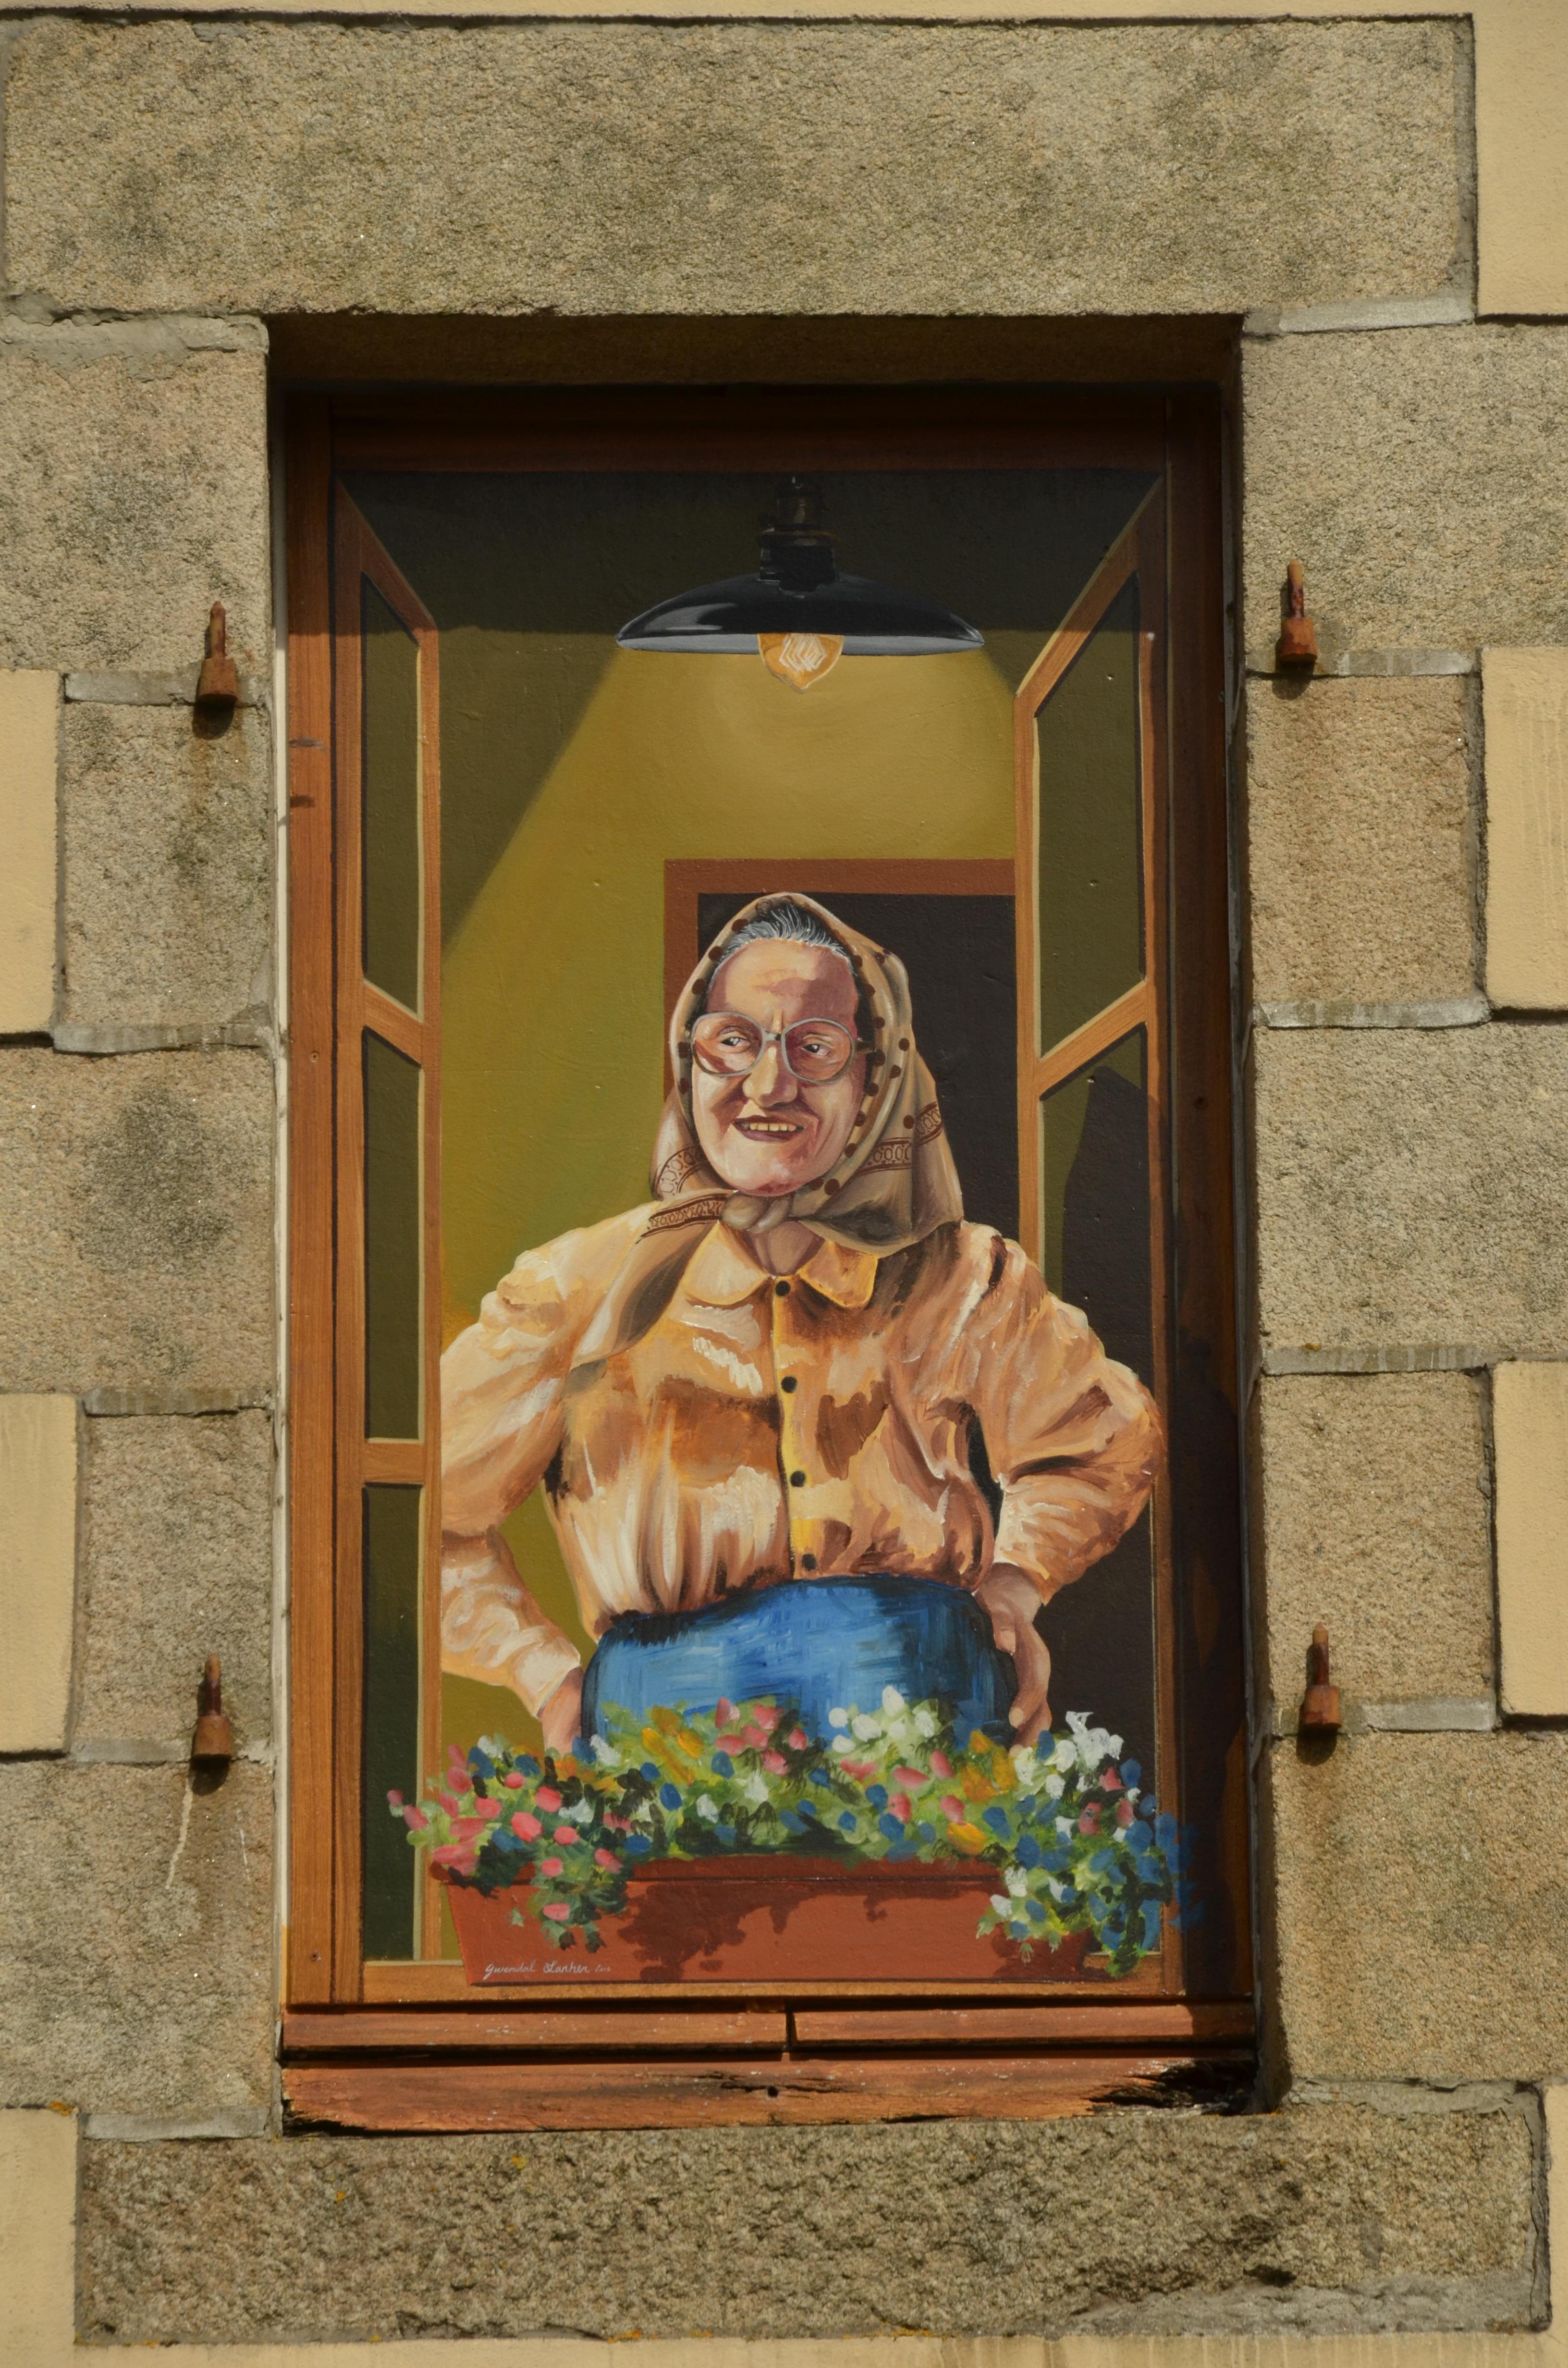 Fotograf Kadin Pencere Bardak Eski Renk Duvar Yazisi